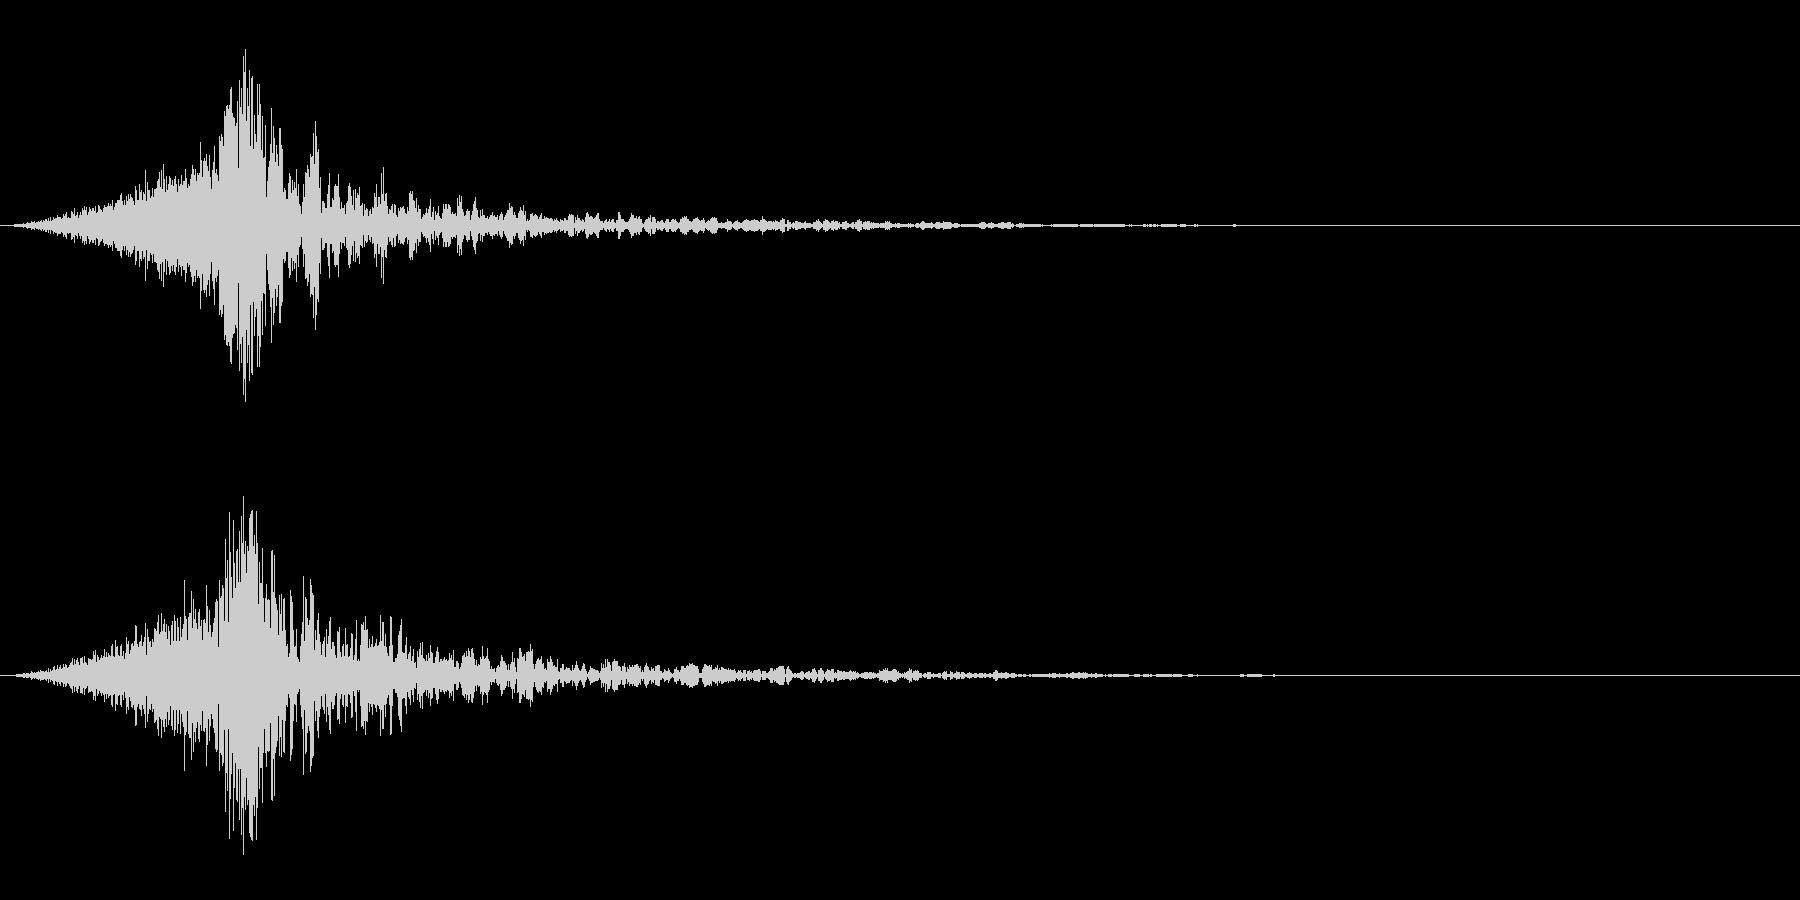 シュードーン-64-4(インパクト音)の未再生の波形